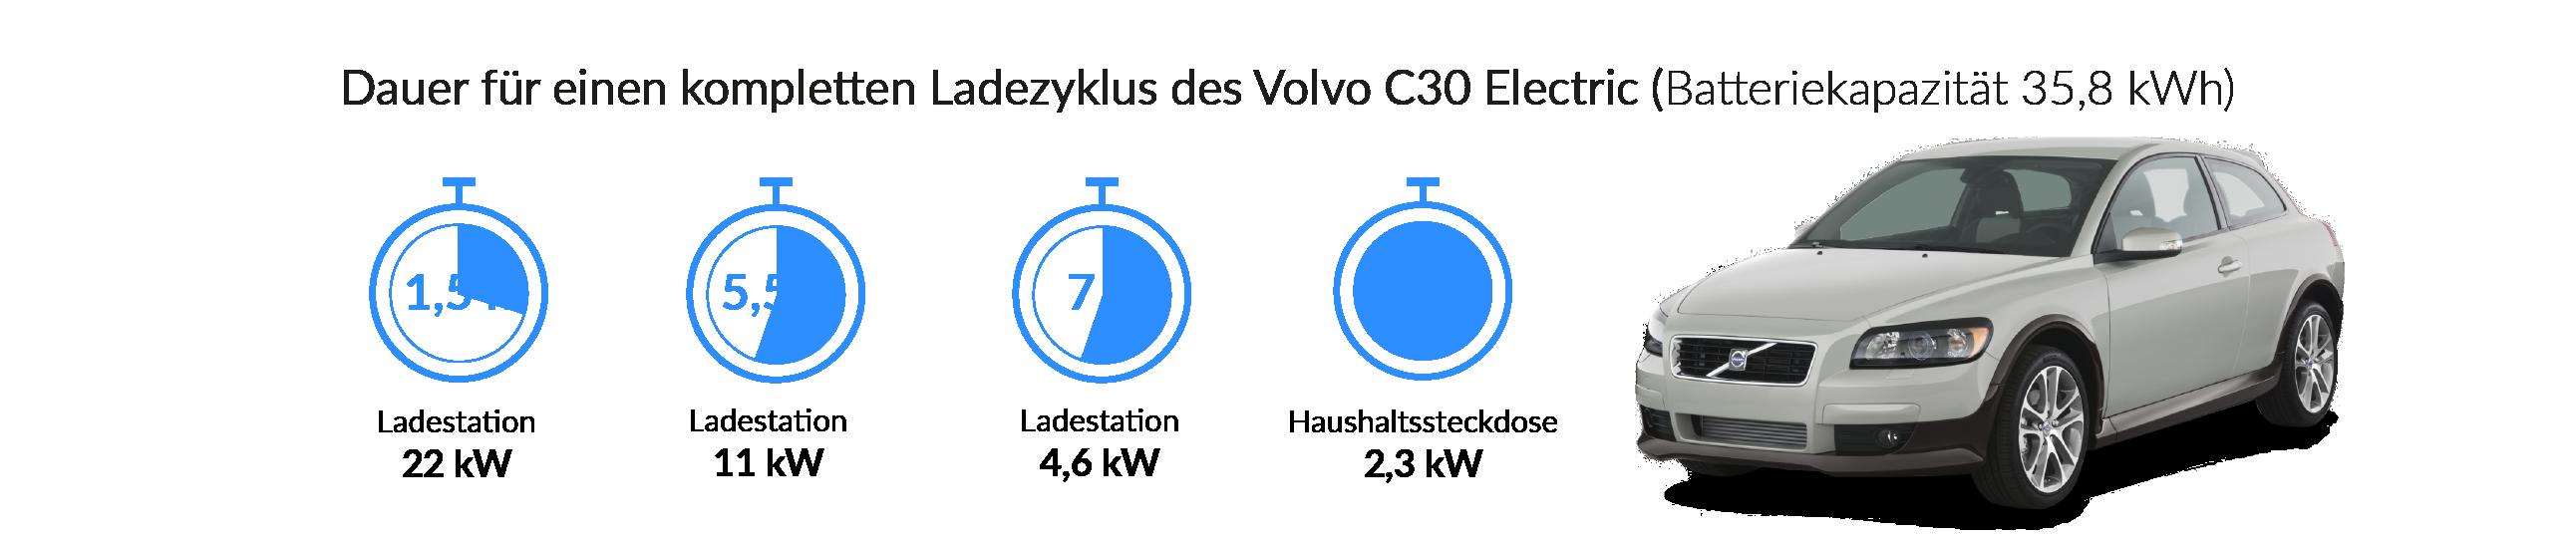 Ladezeiten des Volvo C30 Electric